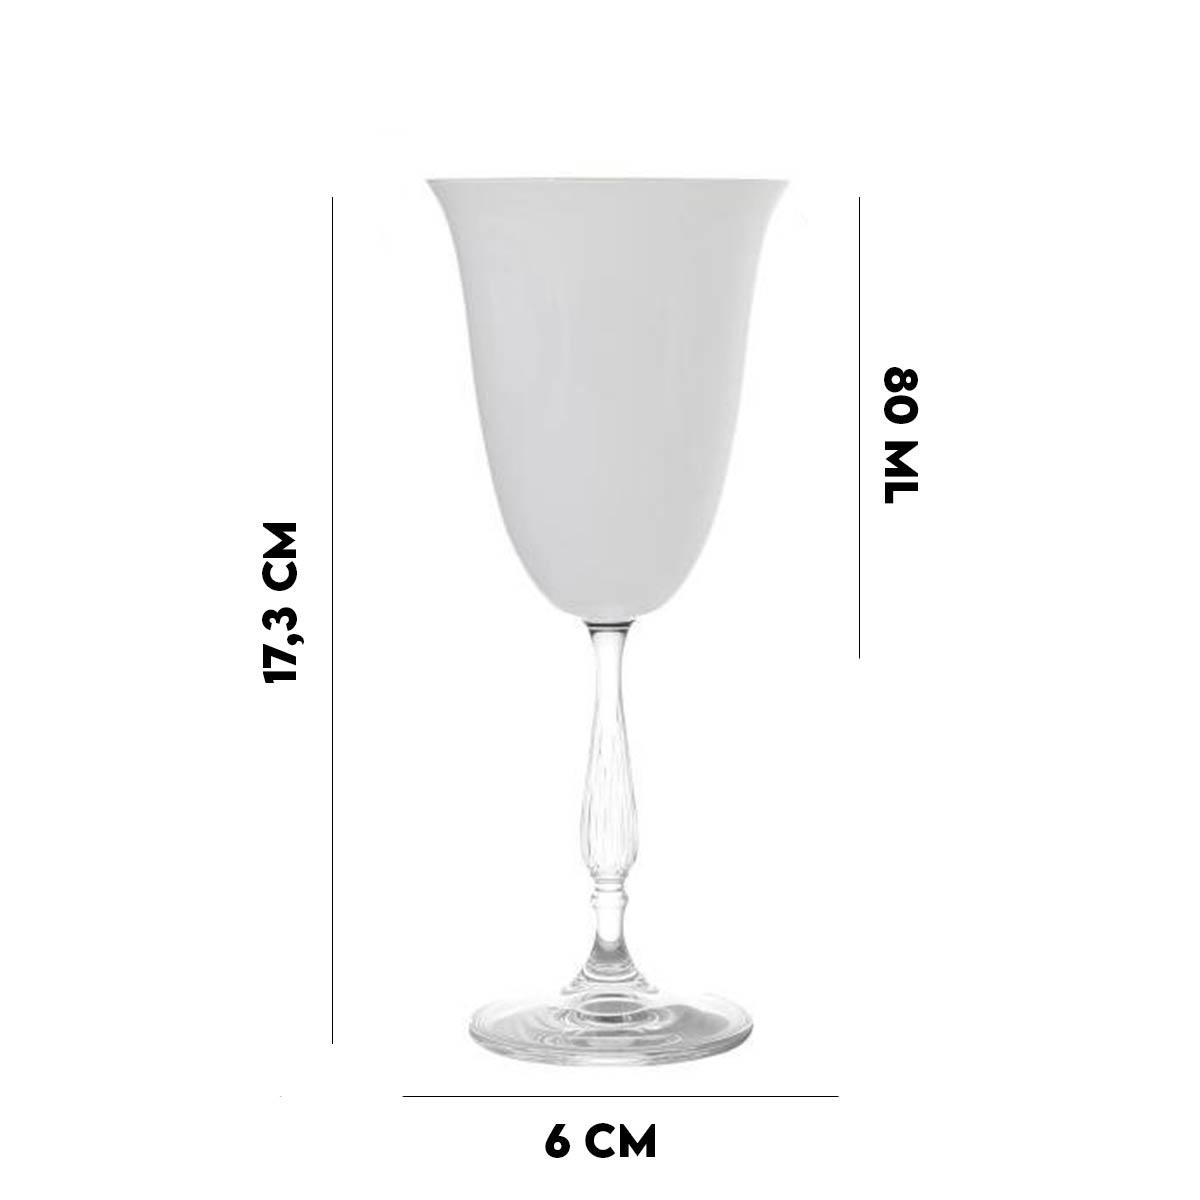 Jogo 4 Taças de Vidro Lyor 80 ml  - Lemis